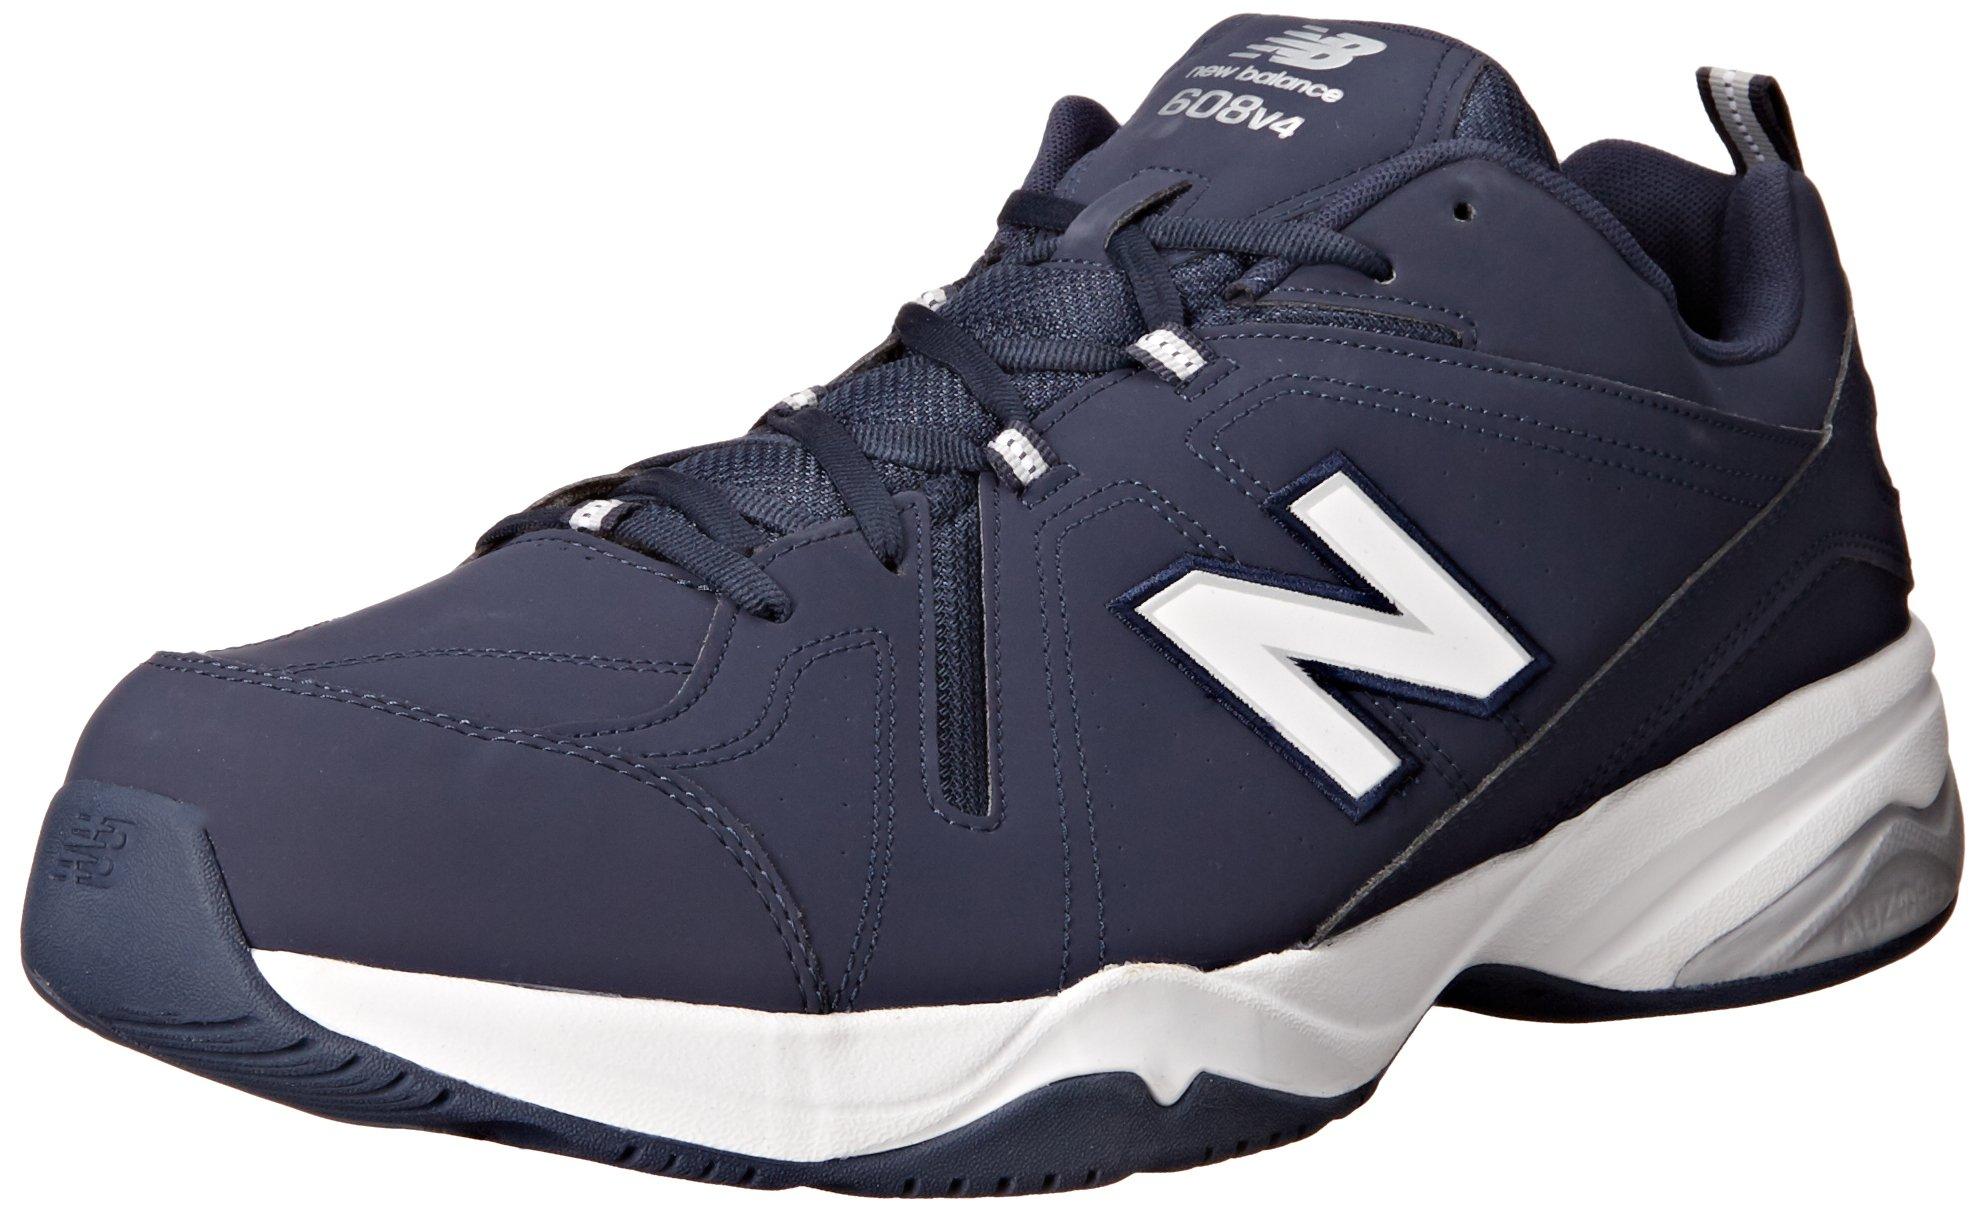 New Balance Men's MX608v4 Training Shoe, Navy, 11.5 2E US by New Balance (Image #1)